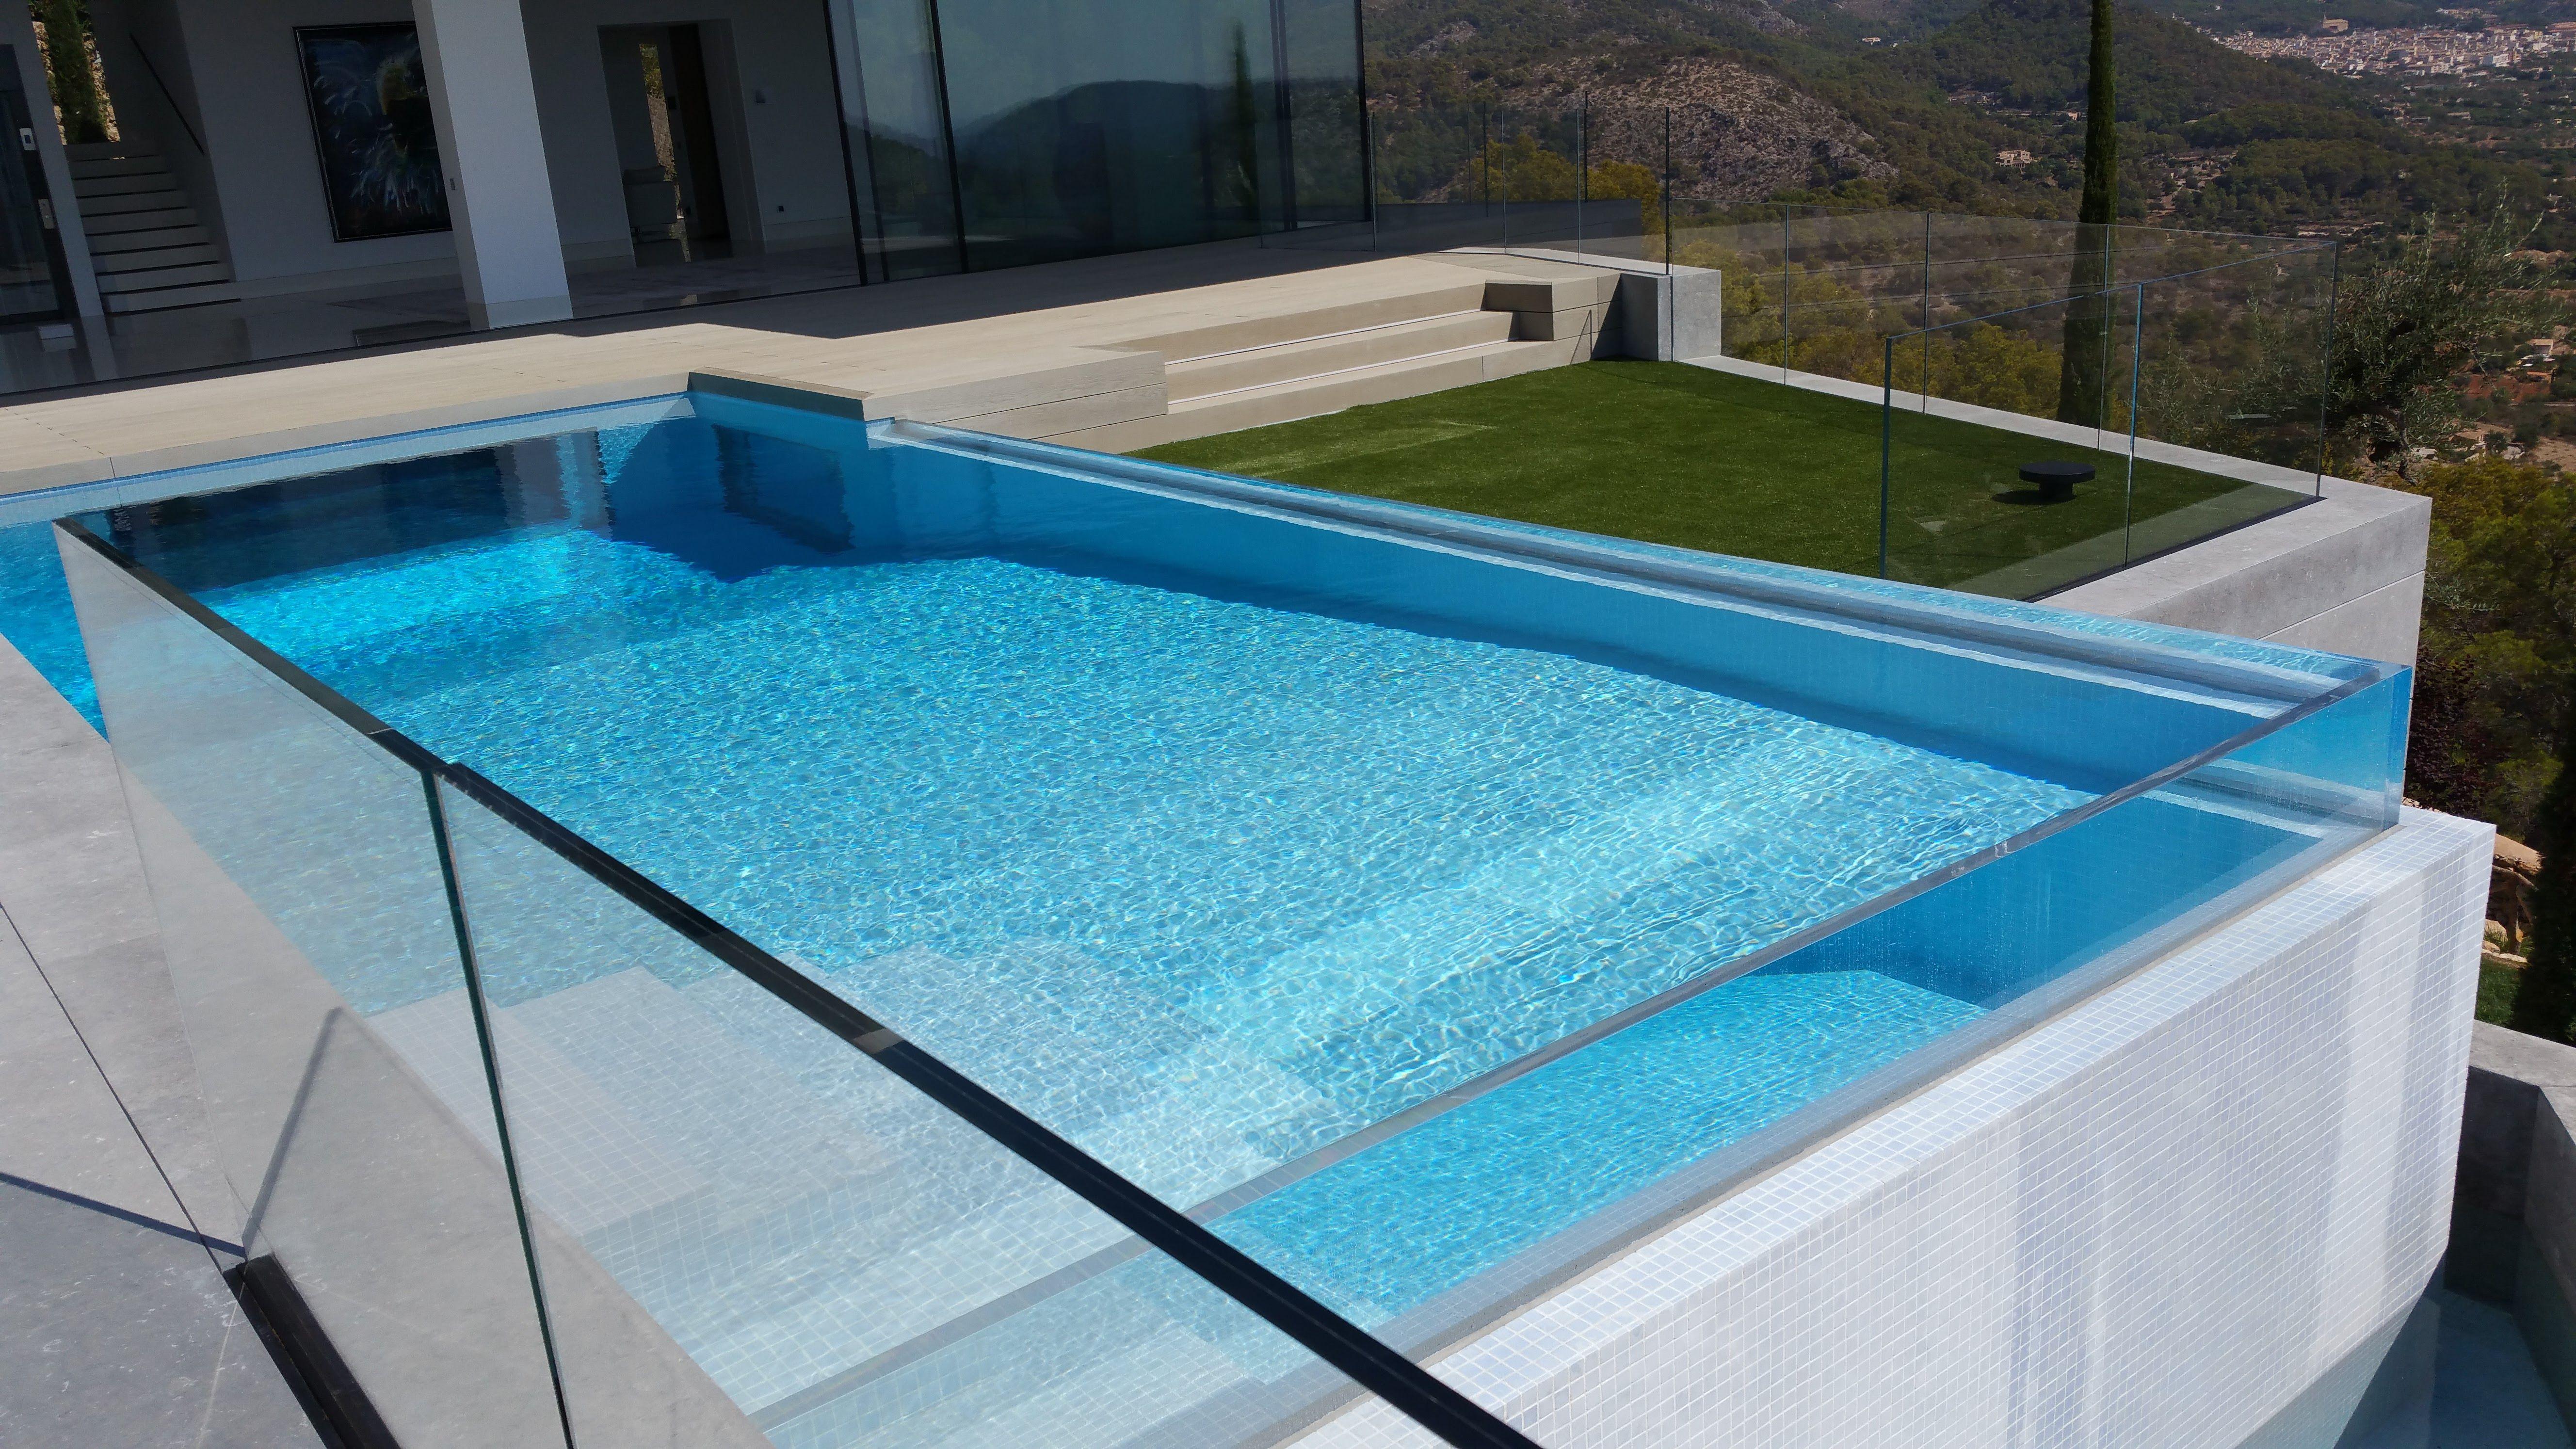 Ozsea Acrylic Pool Window - Everything - Pinterest - Window,